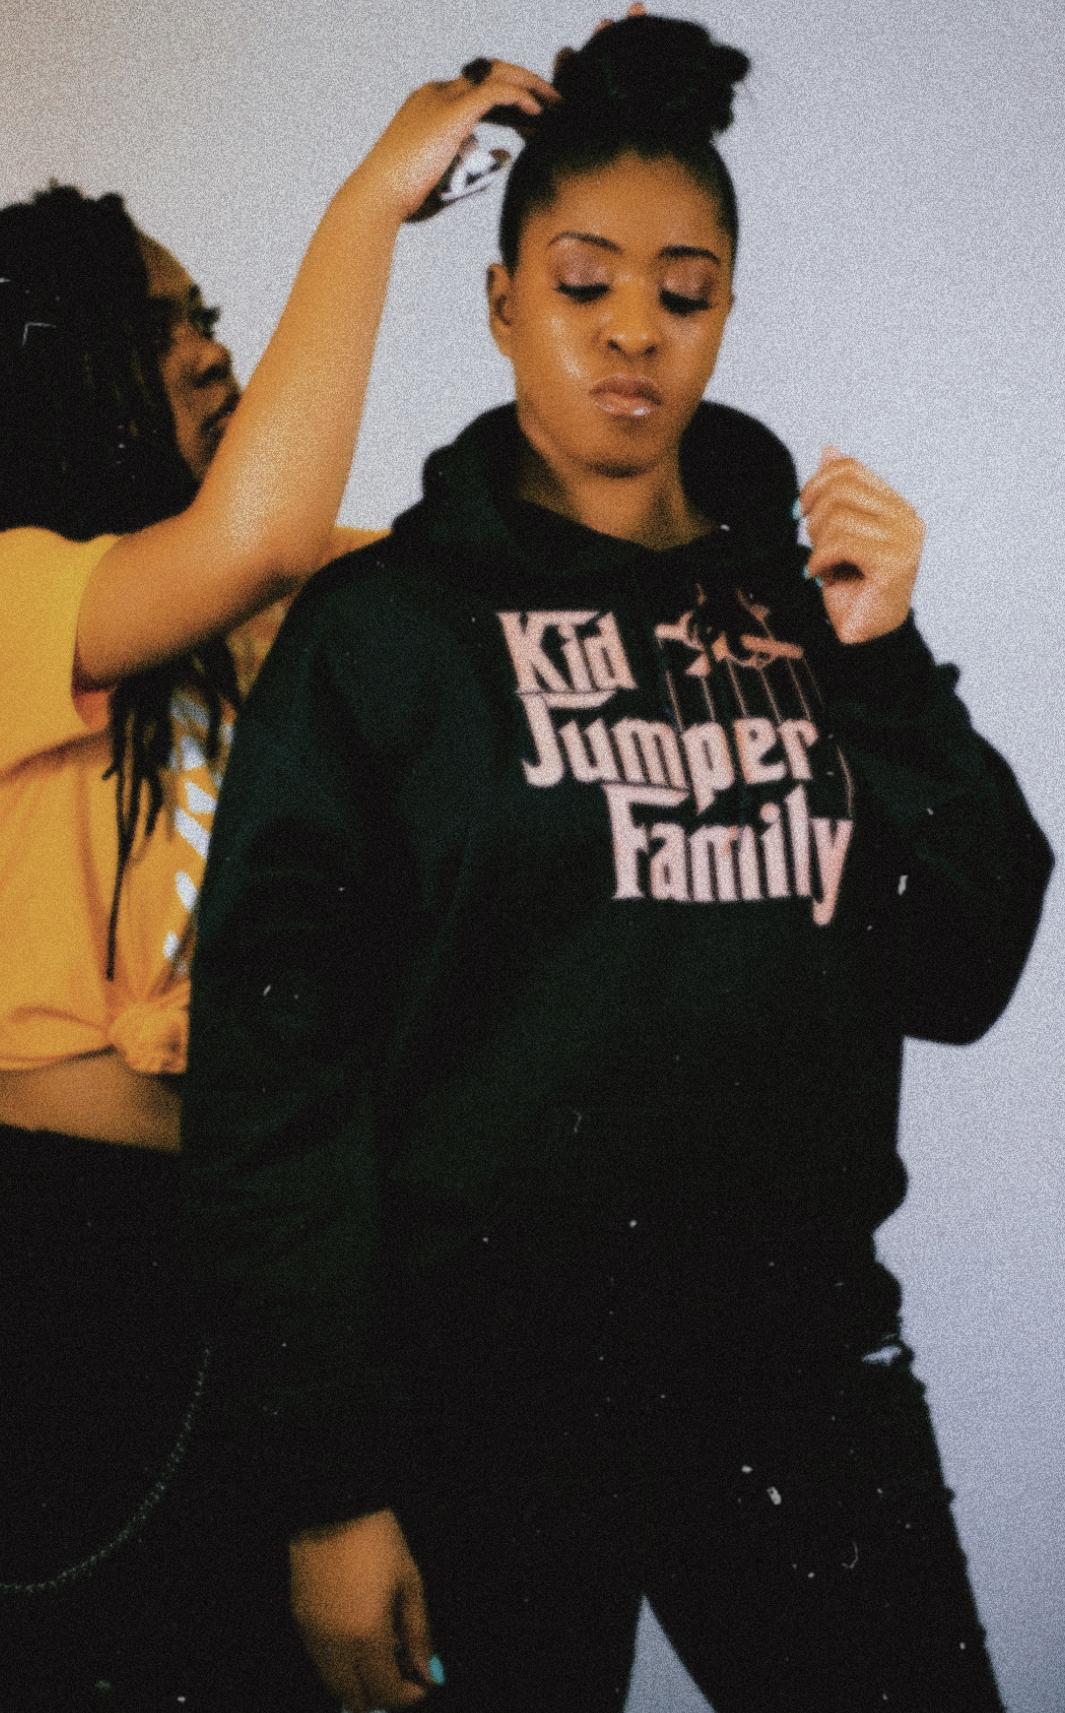 Kid Jumper Family hoodie $38